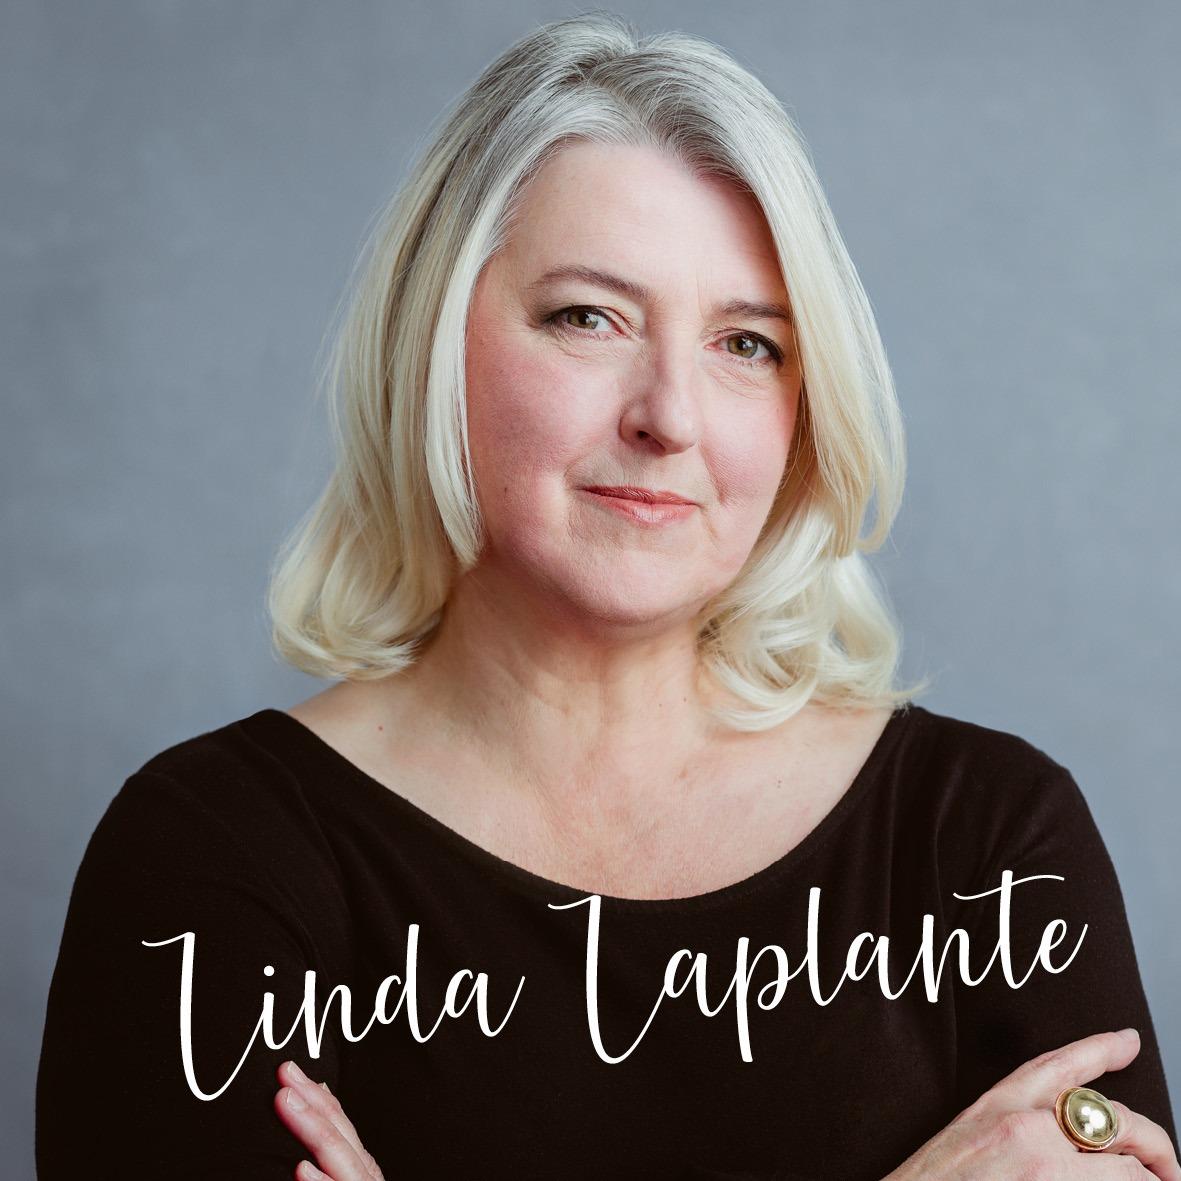 Linda Laplante de Manu Factum